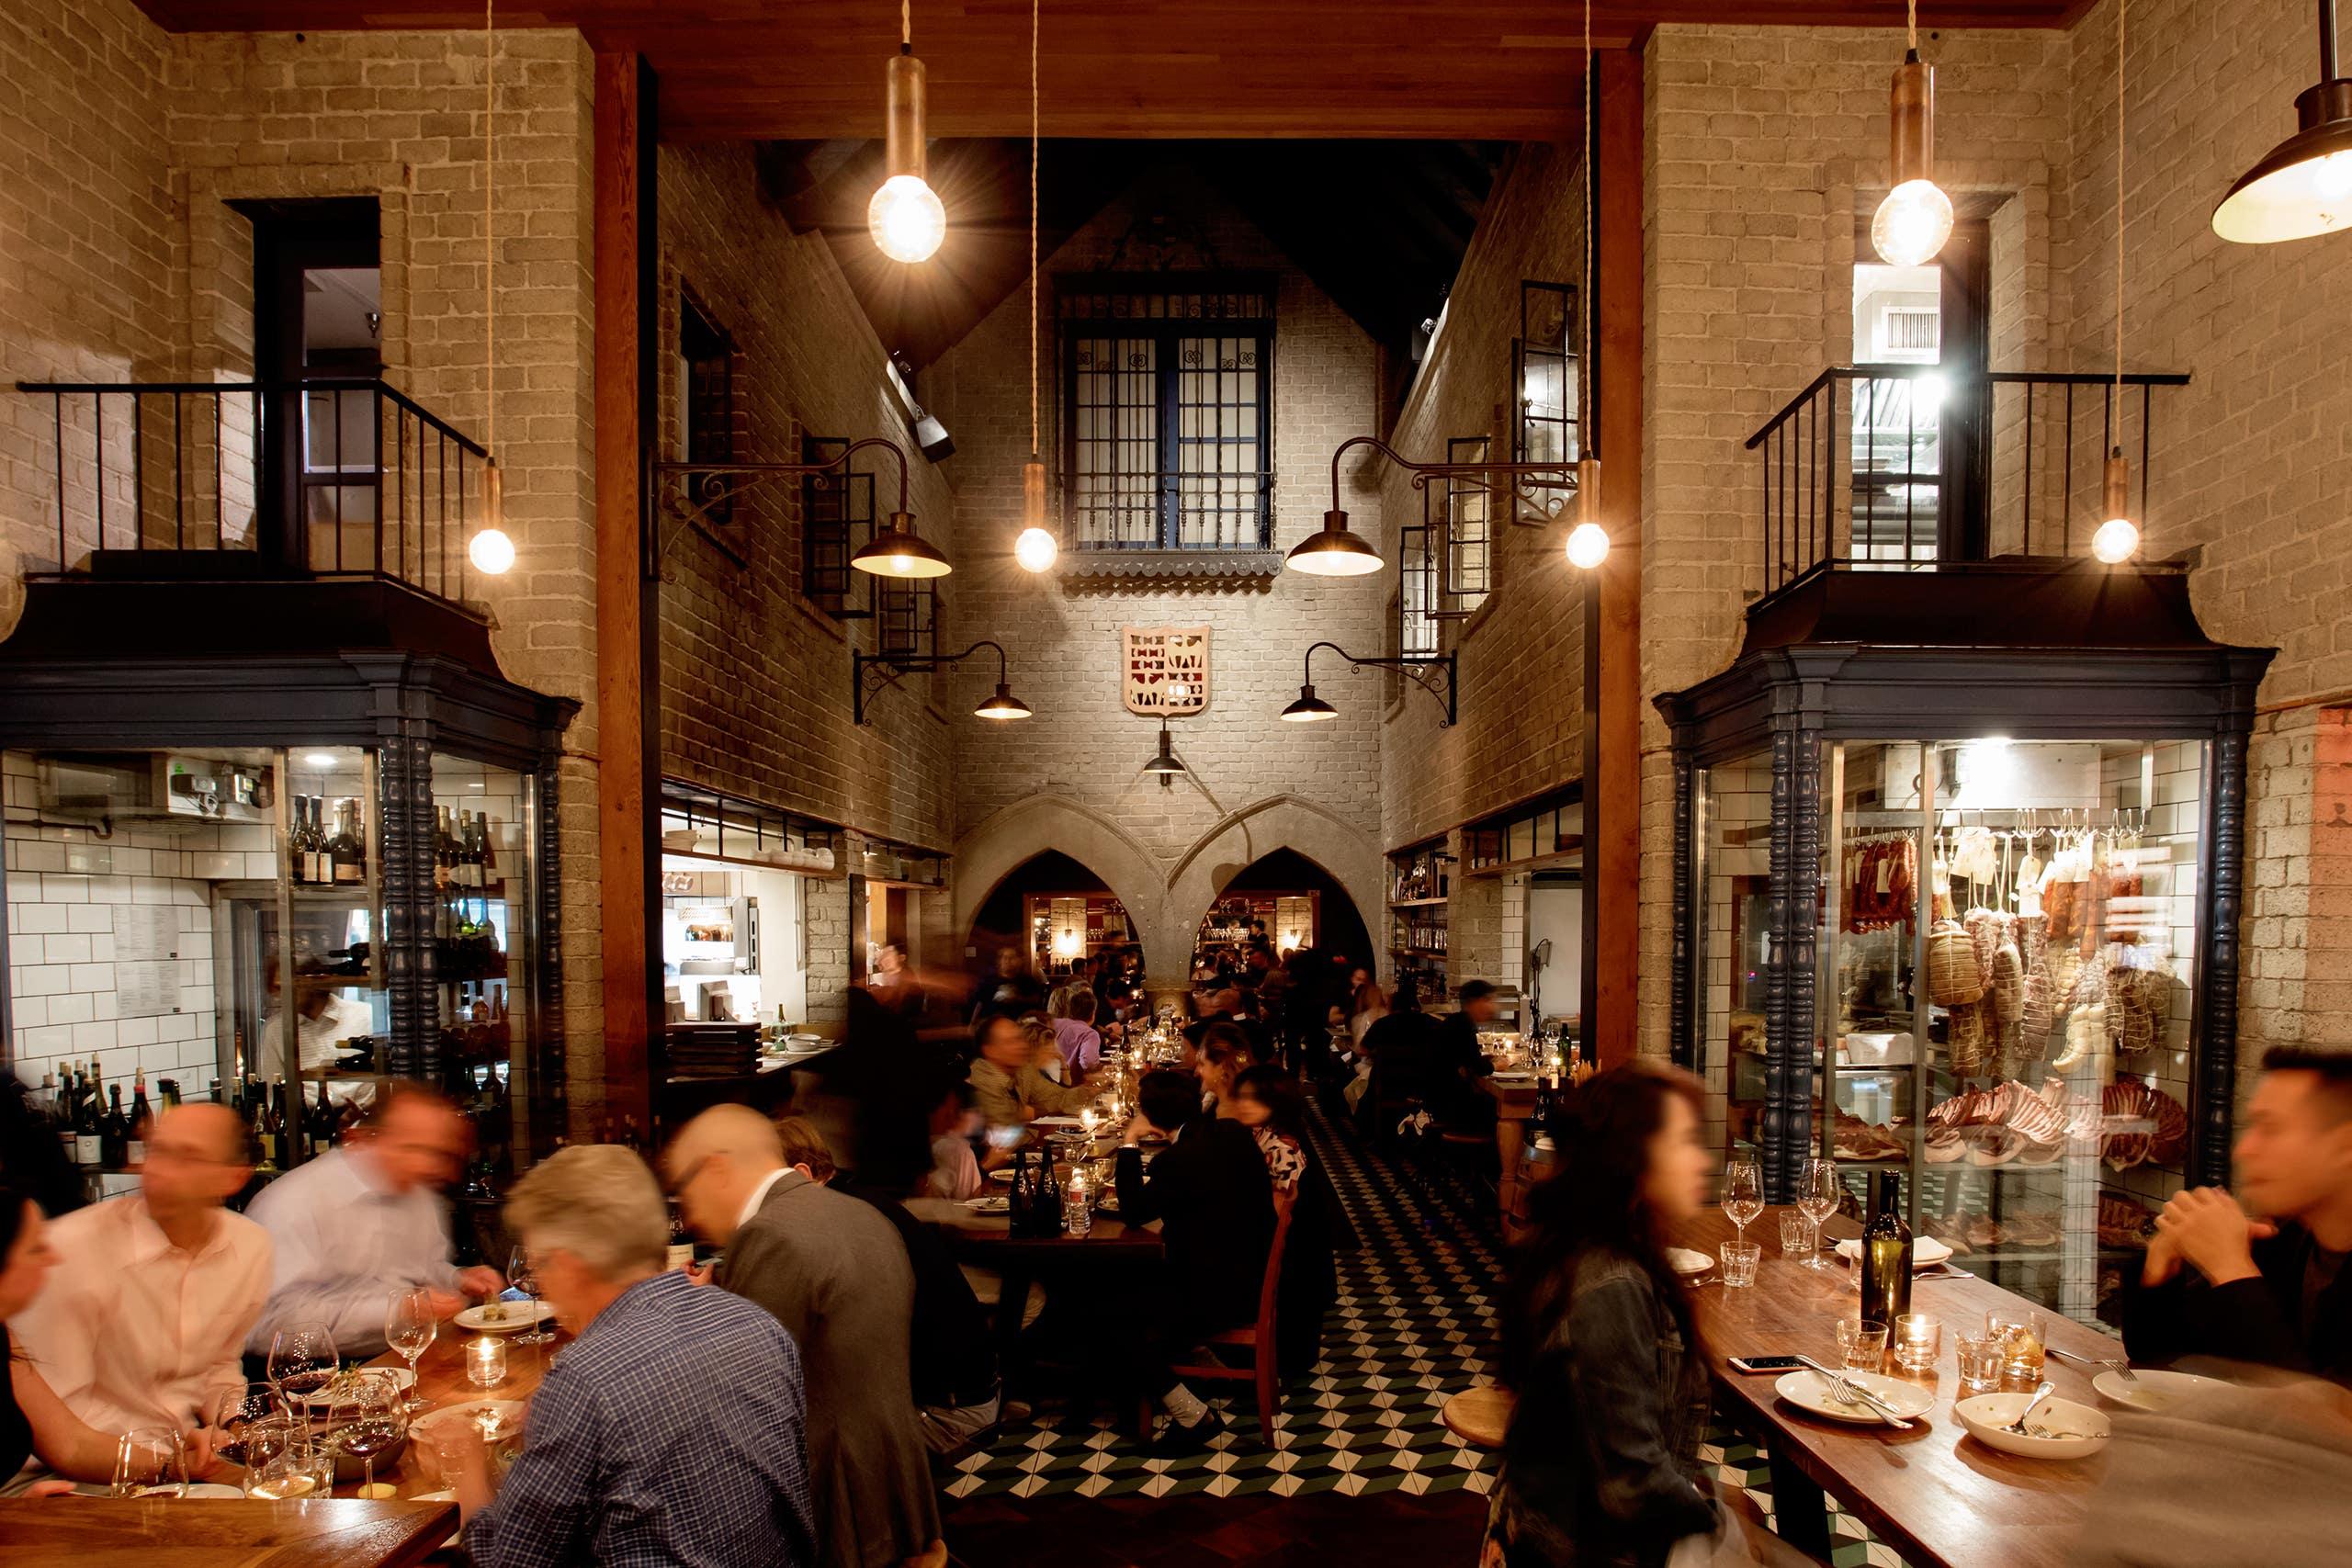 Dining room at Republique